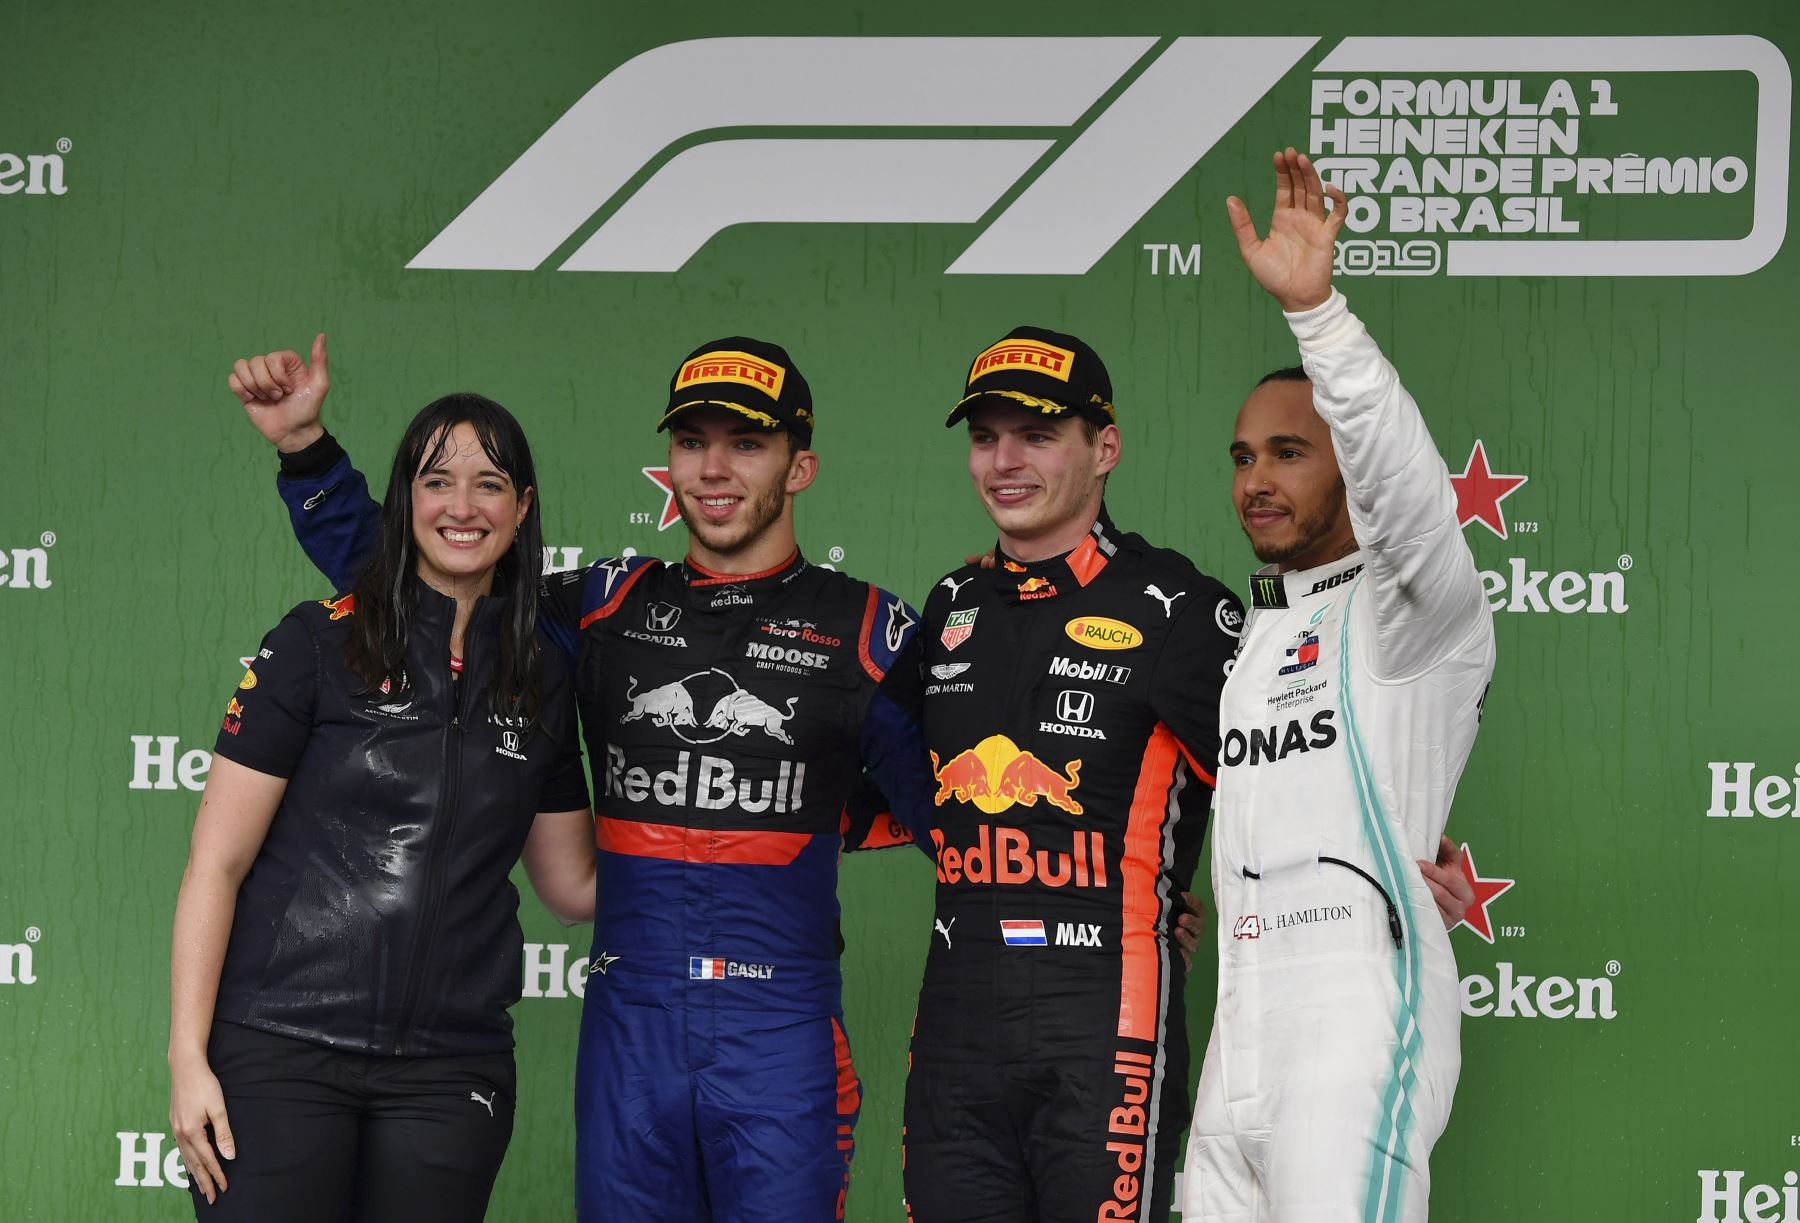 El piloto holandés de Red Bull, Max Verstappen (2 ° R) celebra en el podio después de ganar el Gran Premio de F1 de Brasil, junto al miembro del equipo de Red Bull (L), el piloto francés de Toro Rosso, Pierre Gasly (2 ° L), que ocupó el segundo lugar y el piloto británico de Mercedes, Lewis Hamilton, que llegó tercero en el hipódromo de Interlagos en Sao Paulo. Foto: AFP